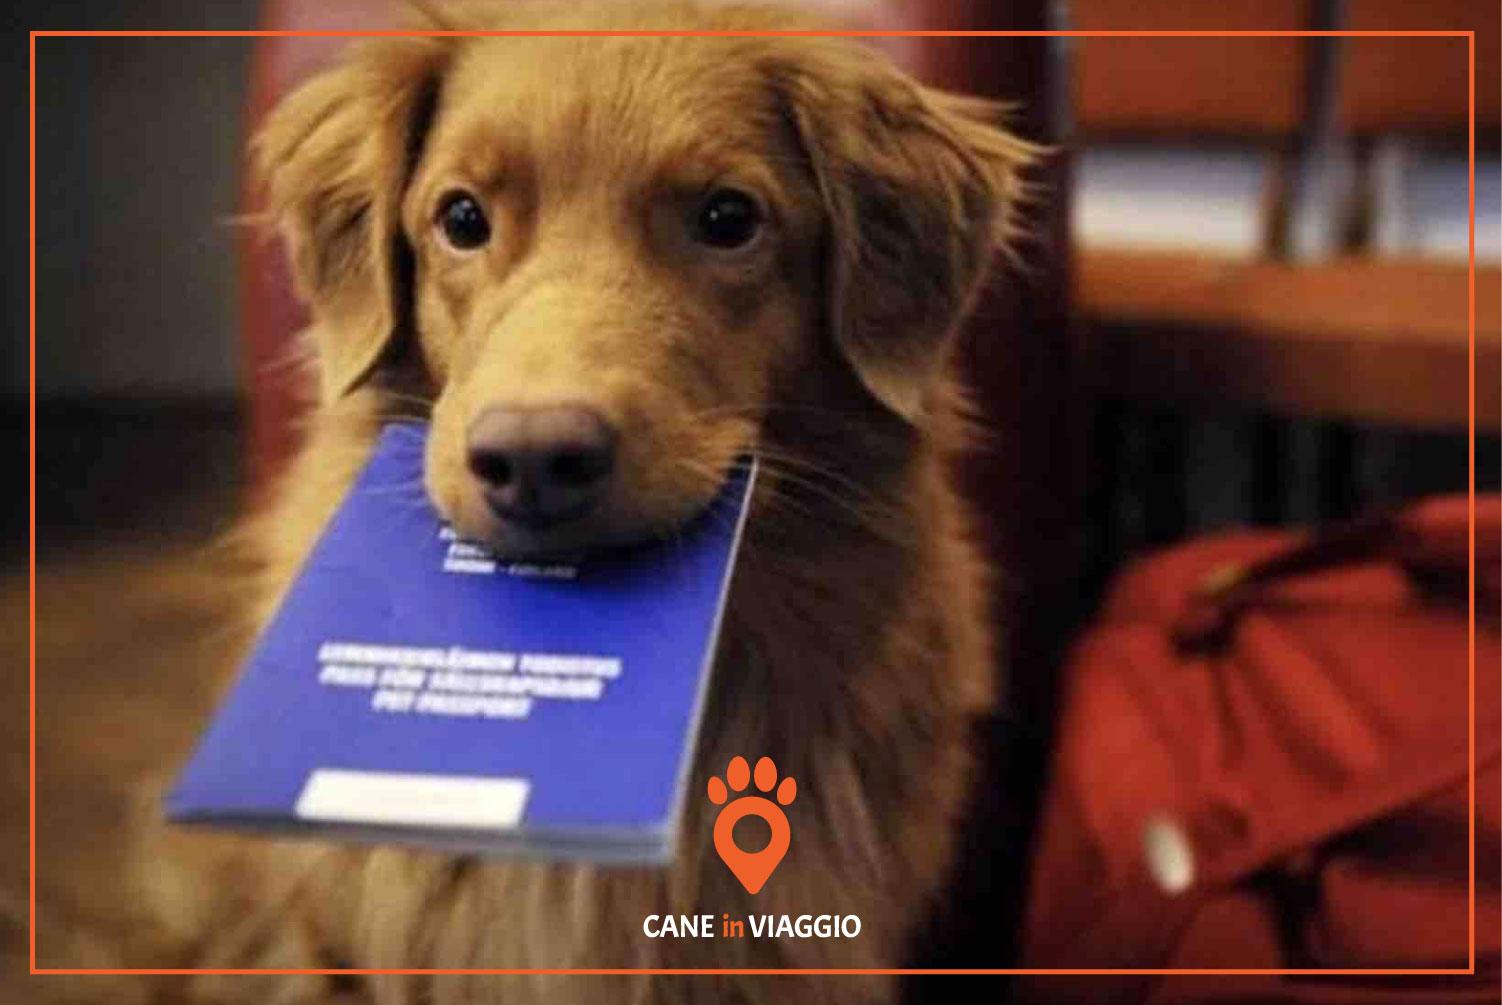 cane con documenti di viaggio